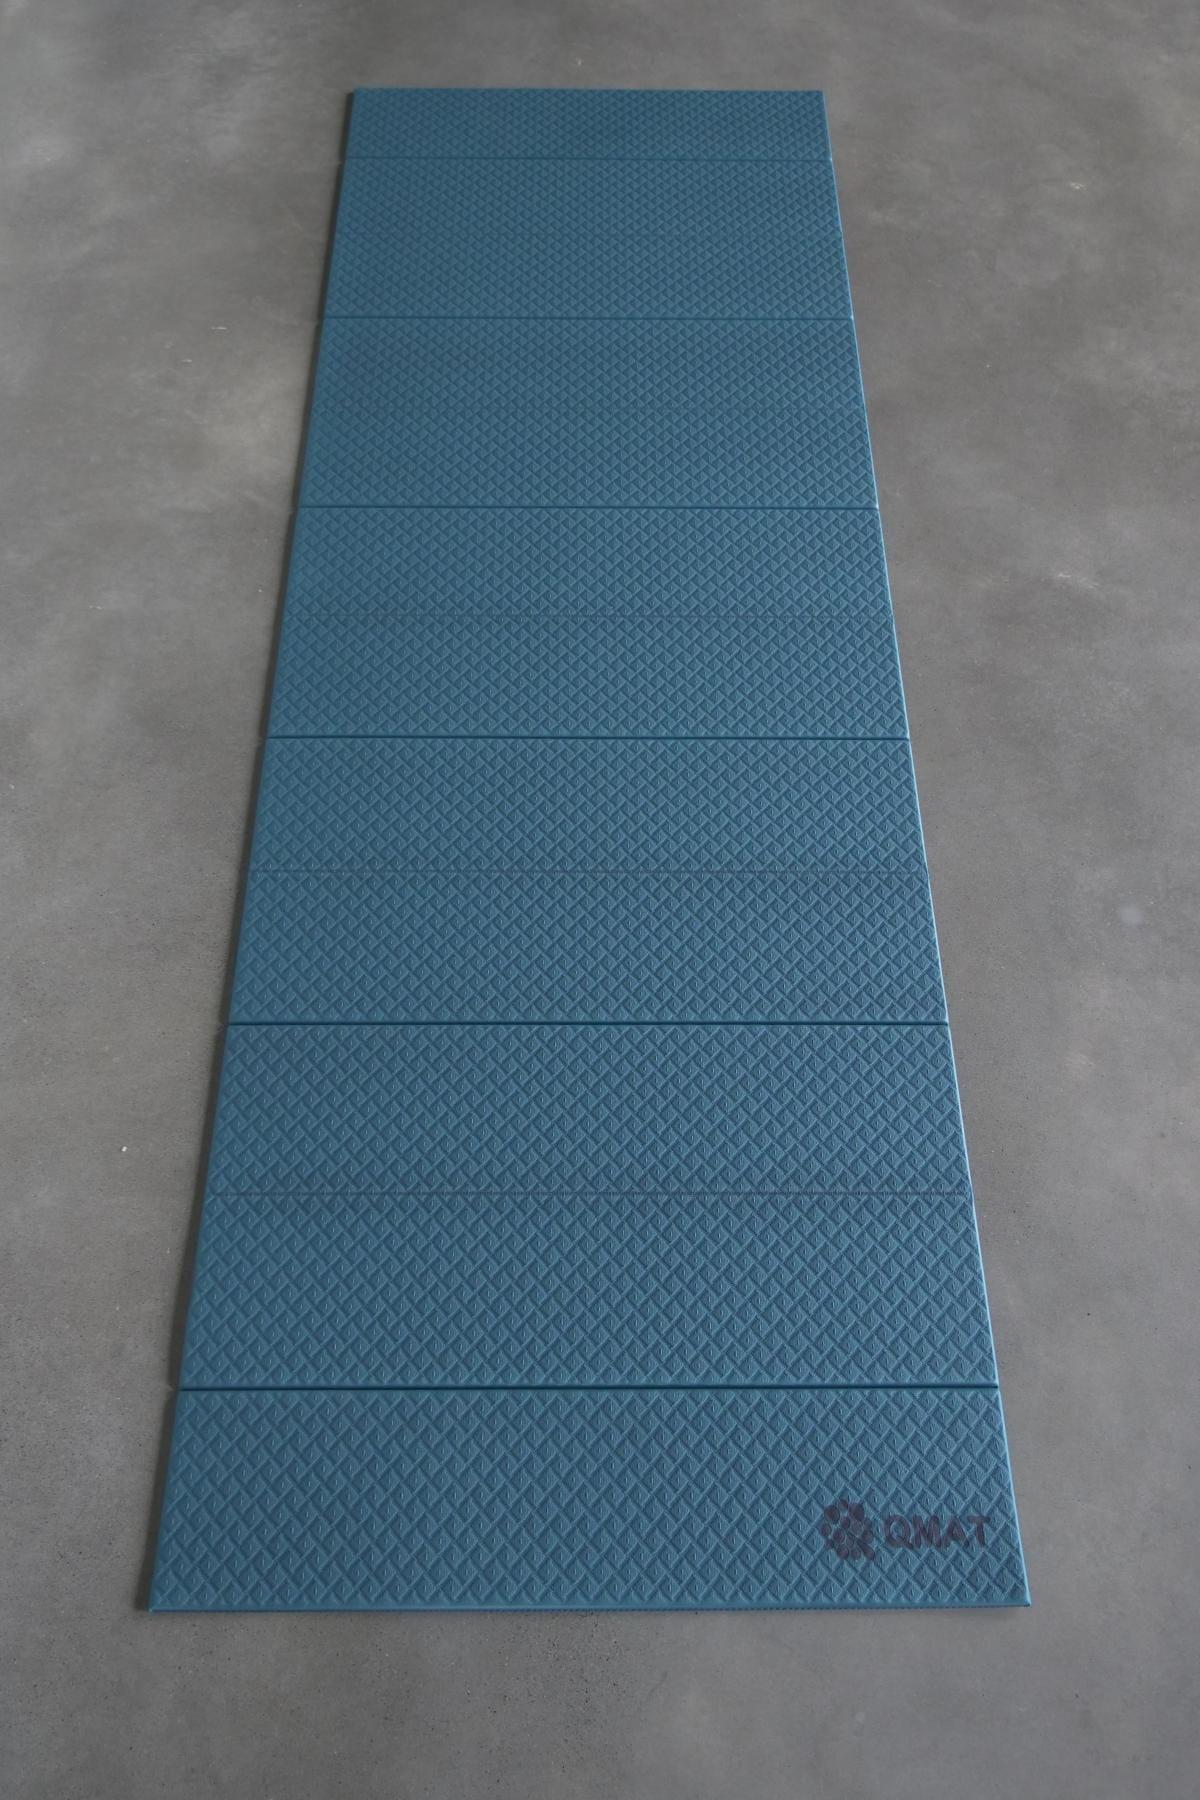 【QMAT】 12折疊瑜珈墊 一般雙色 10